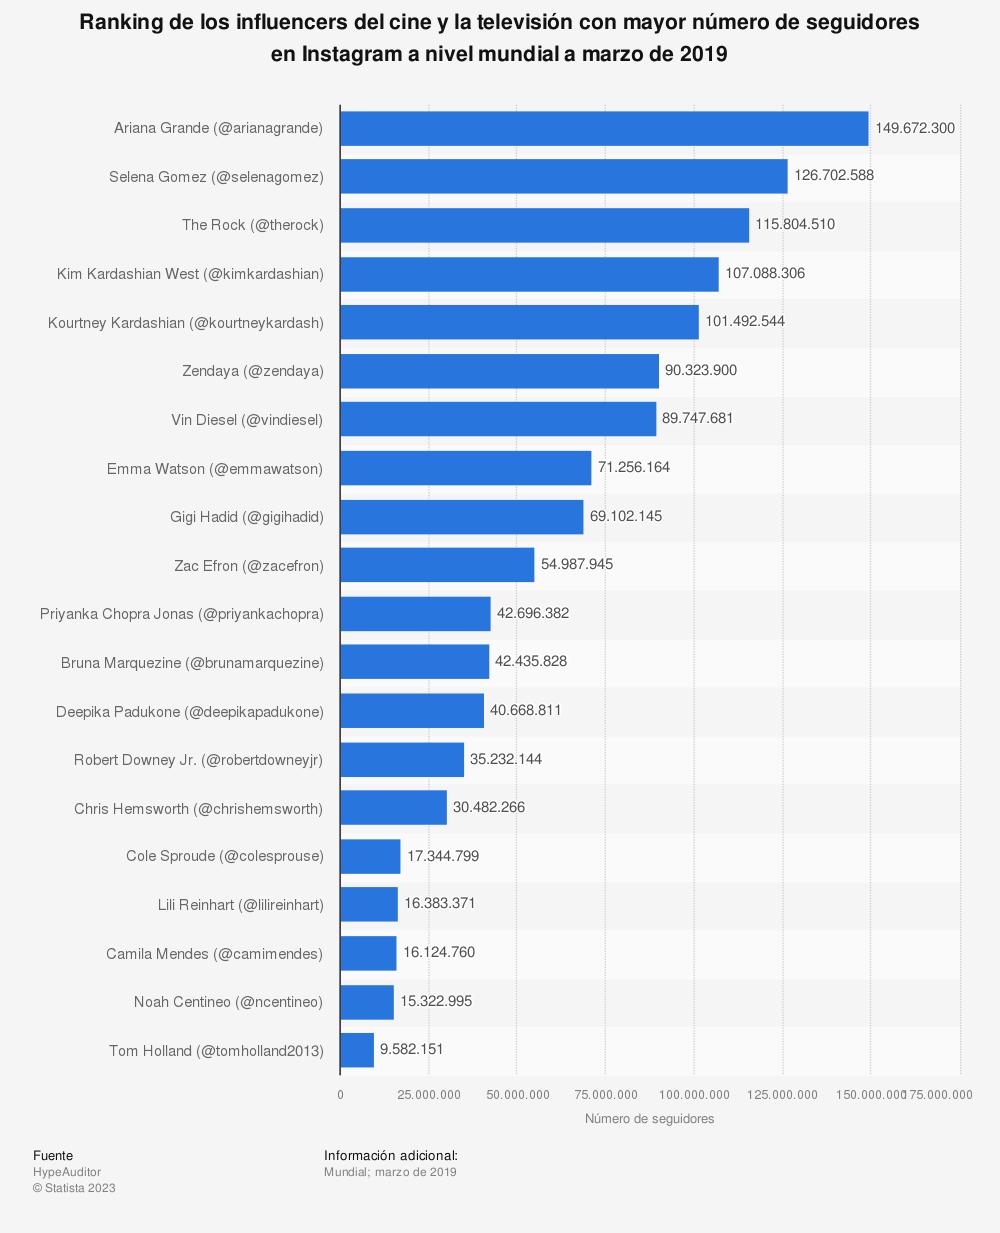 Estadística: Ranking de los influencers del cine y la televisión con mayor número de seguidores en Instagram a nivel mundial a marzo de 2019 | Statista